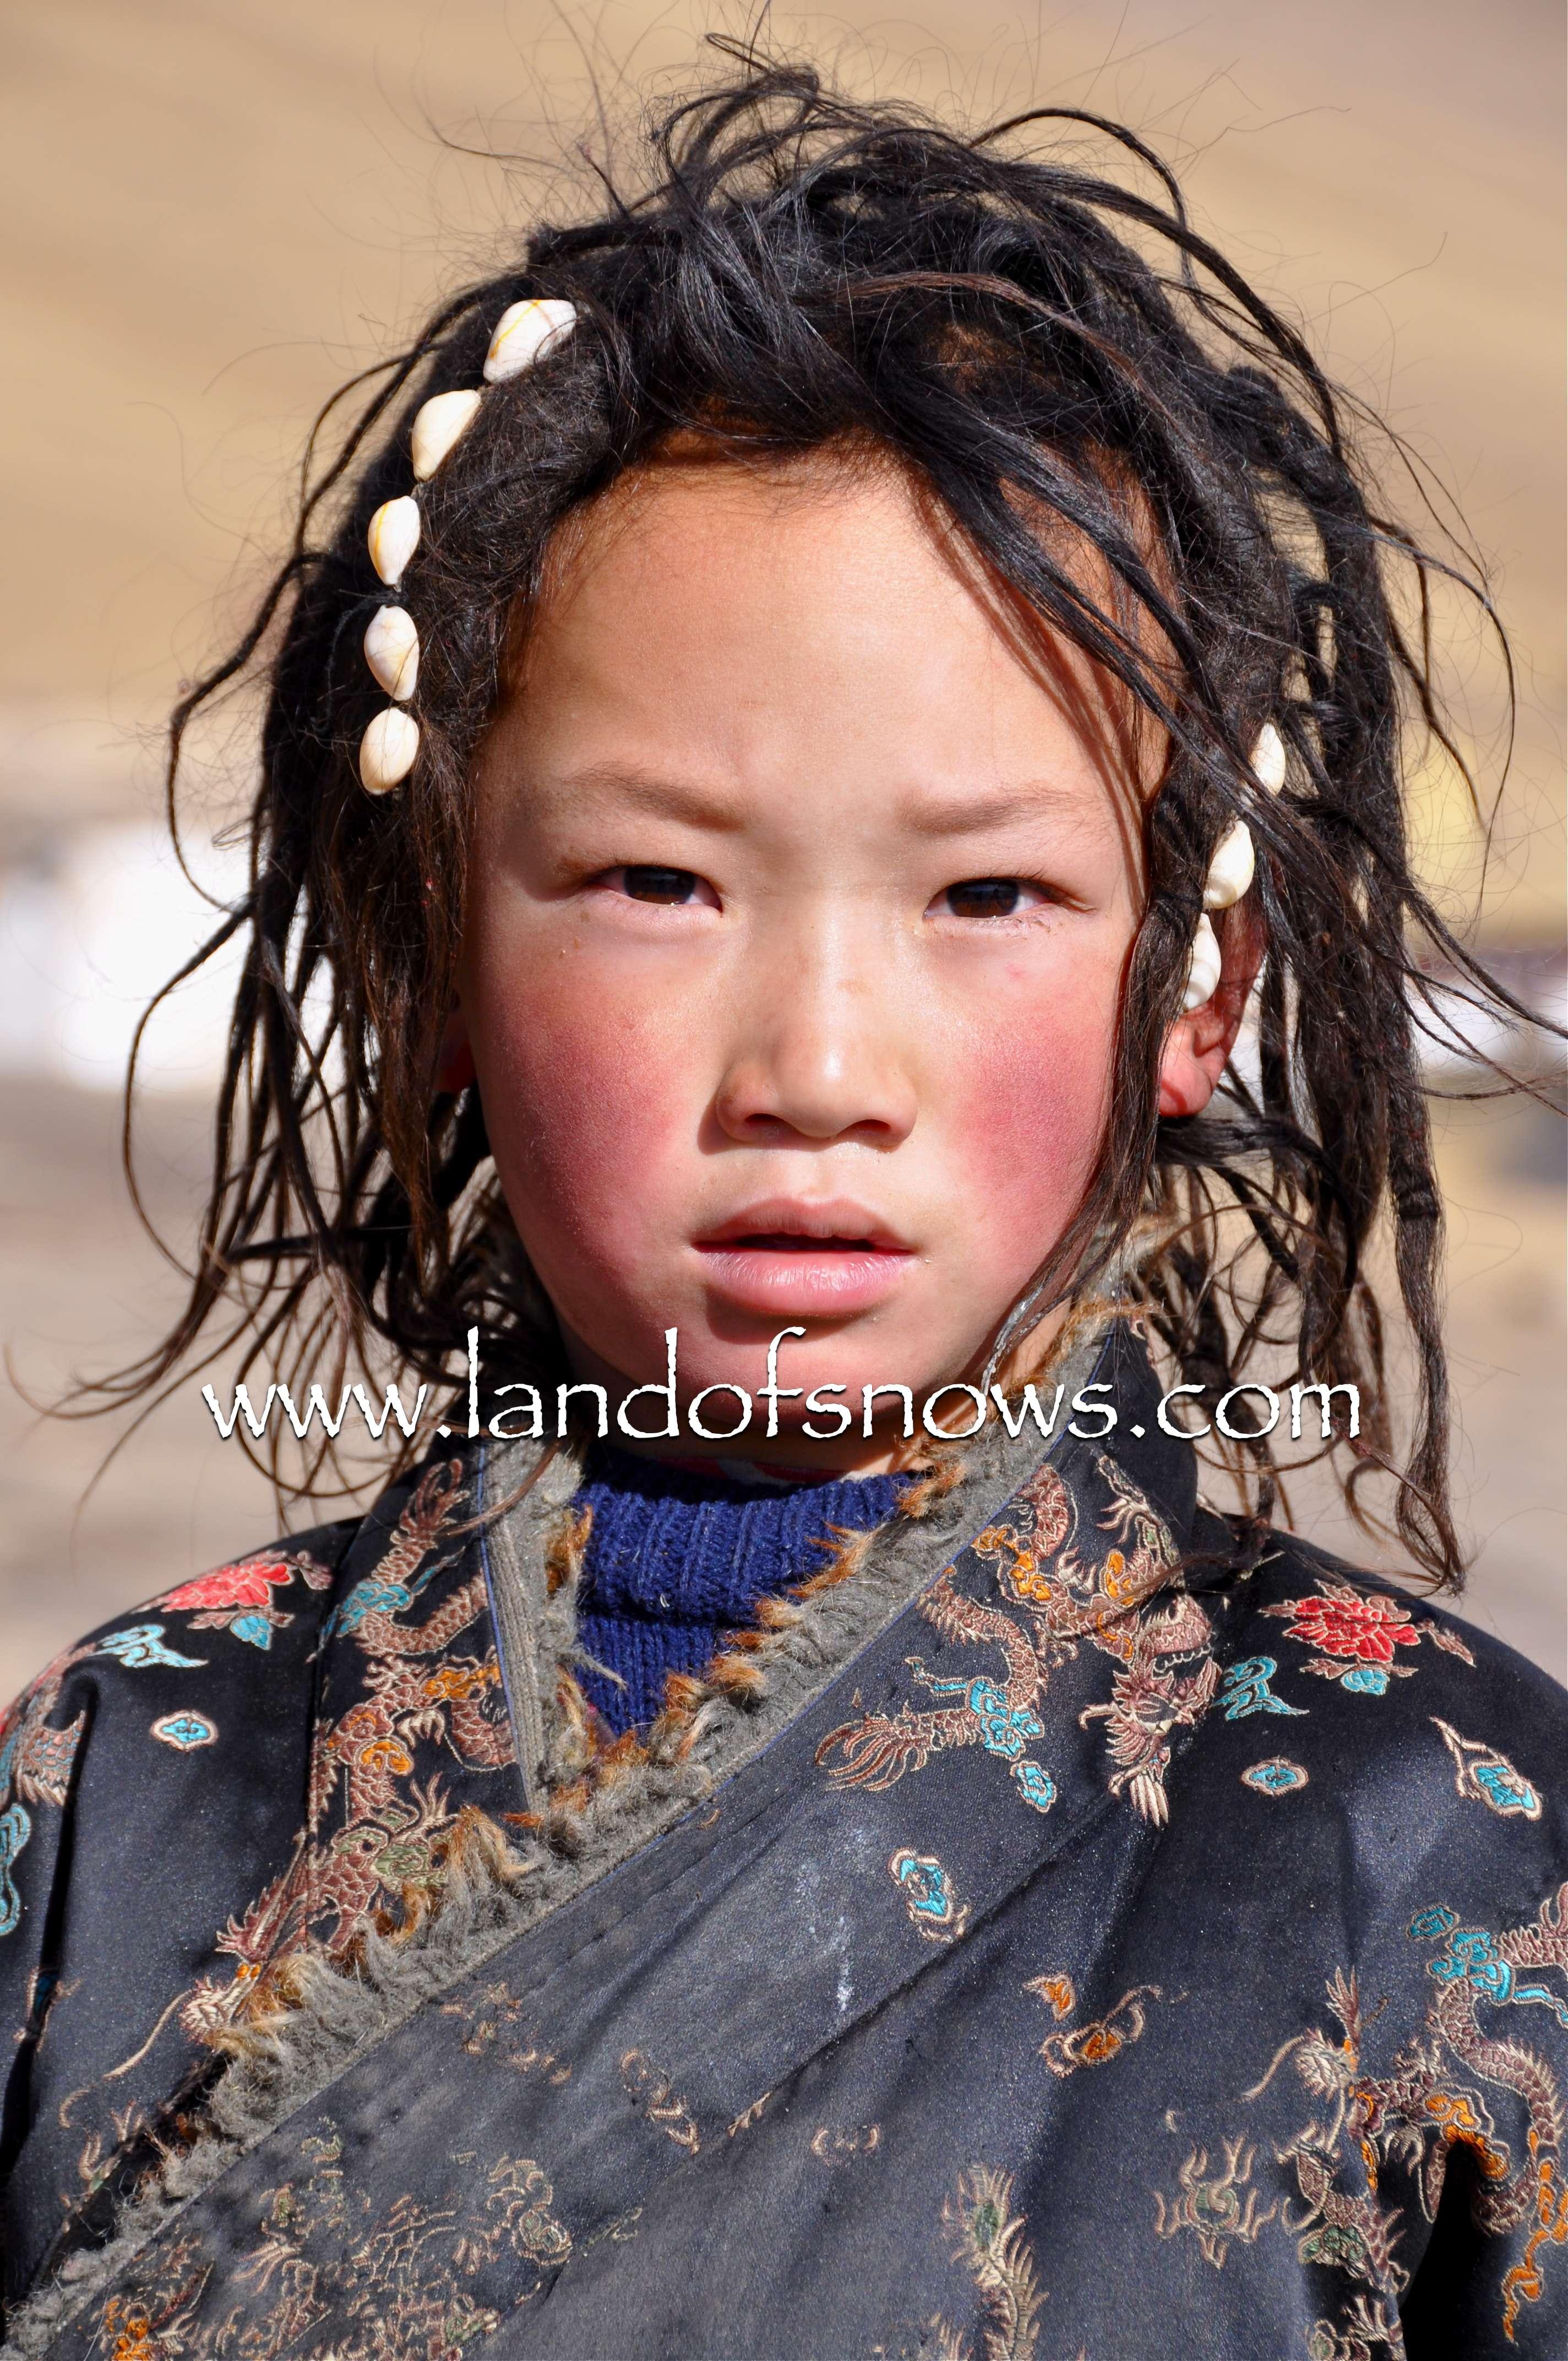 High Resolution Wallpaper | Tibetan 2848x4288 px